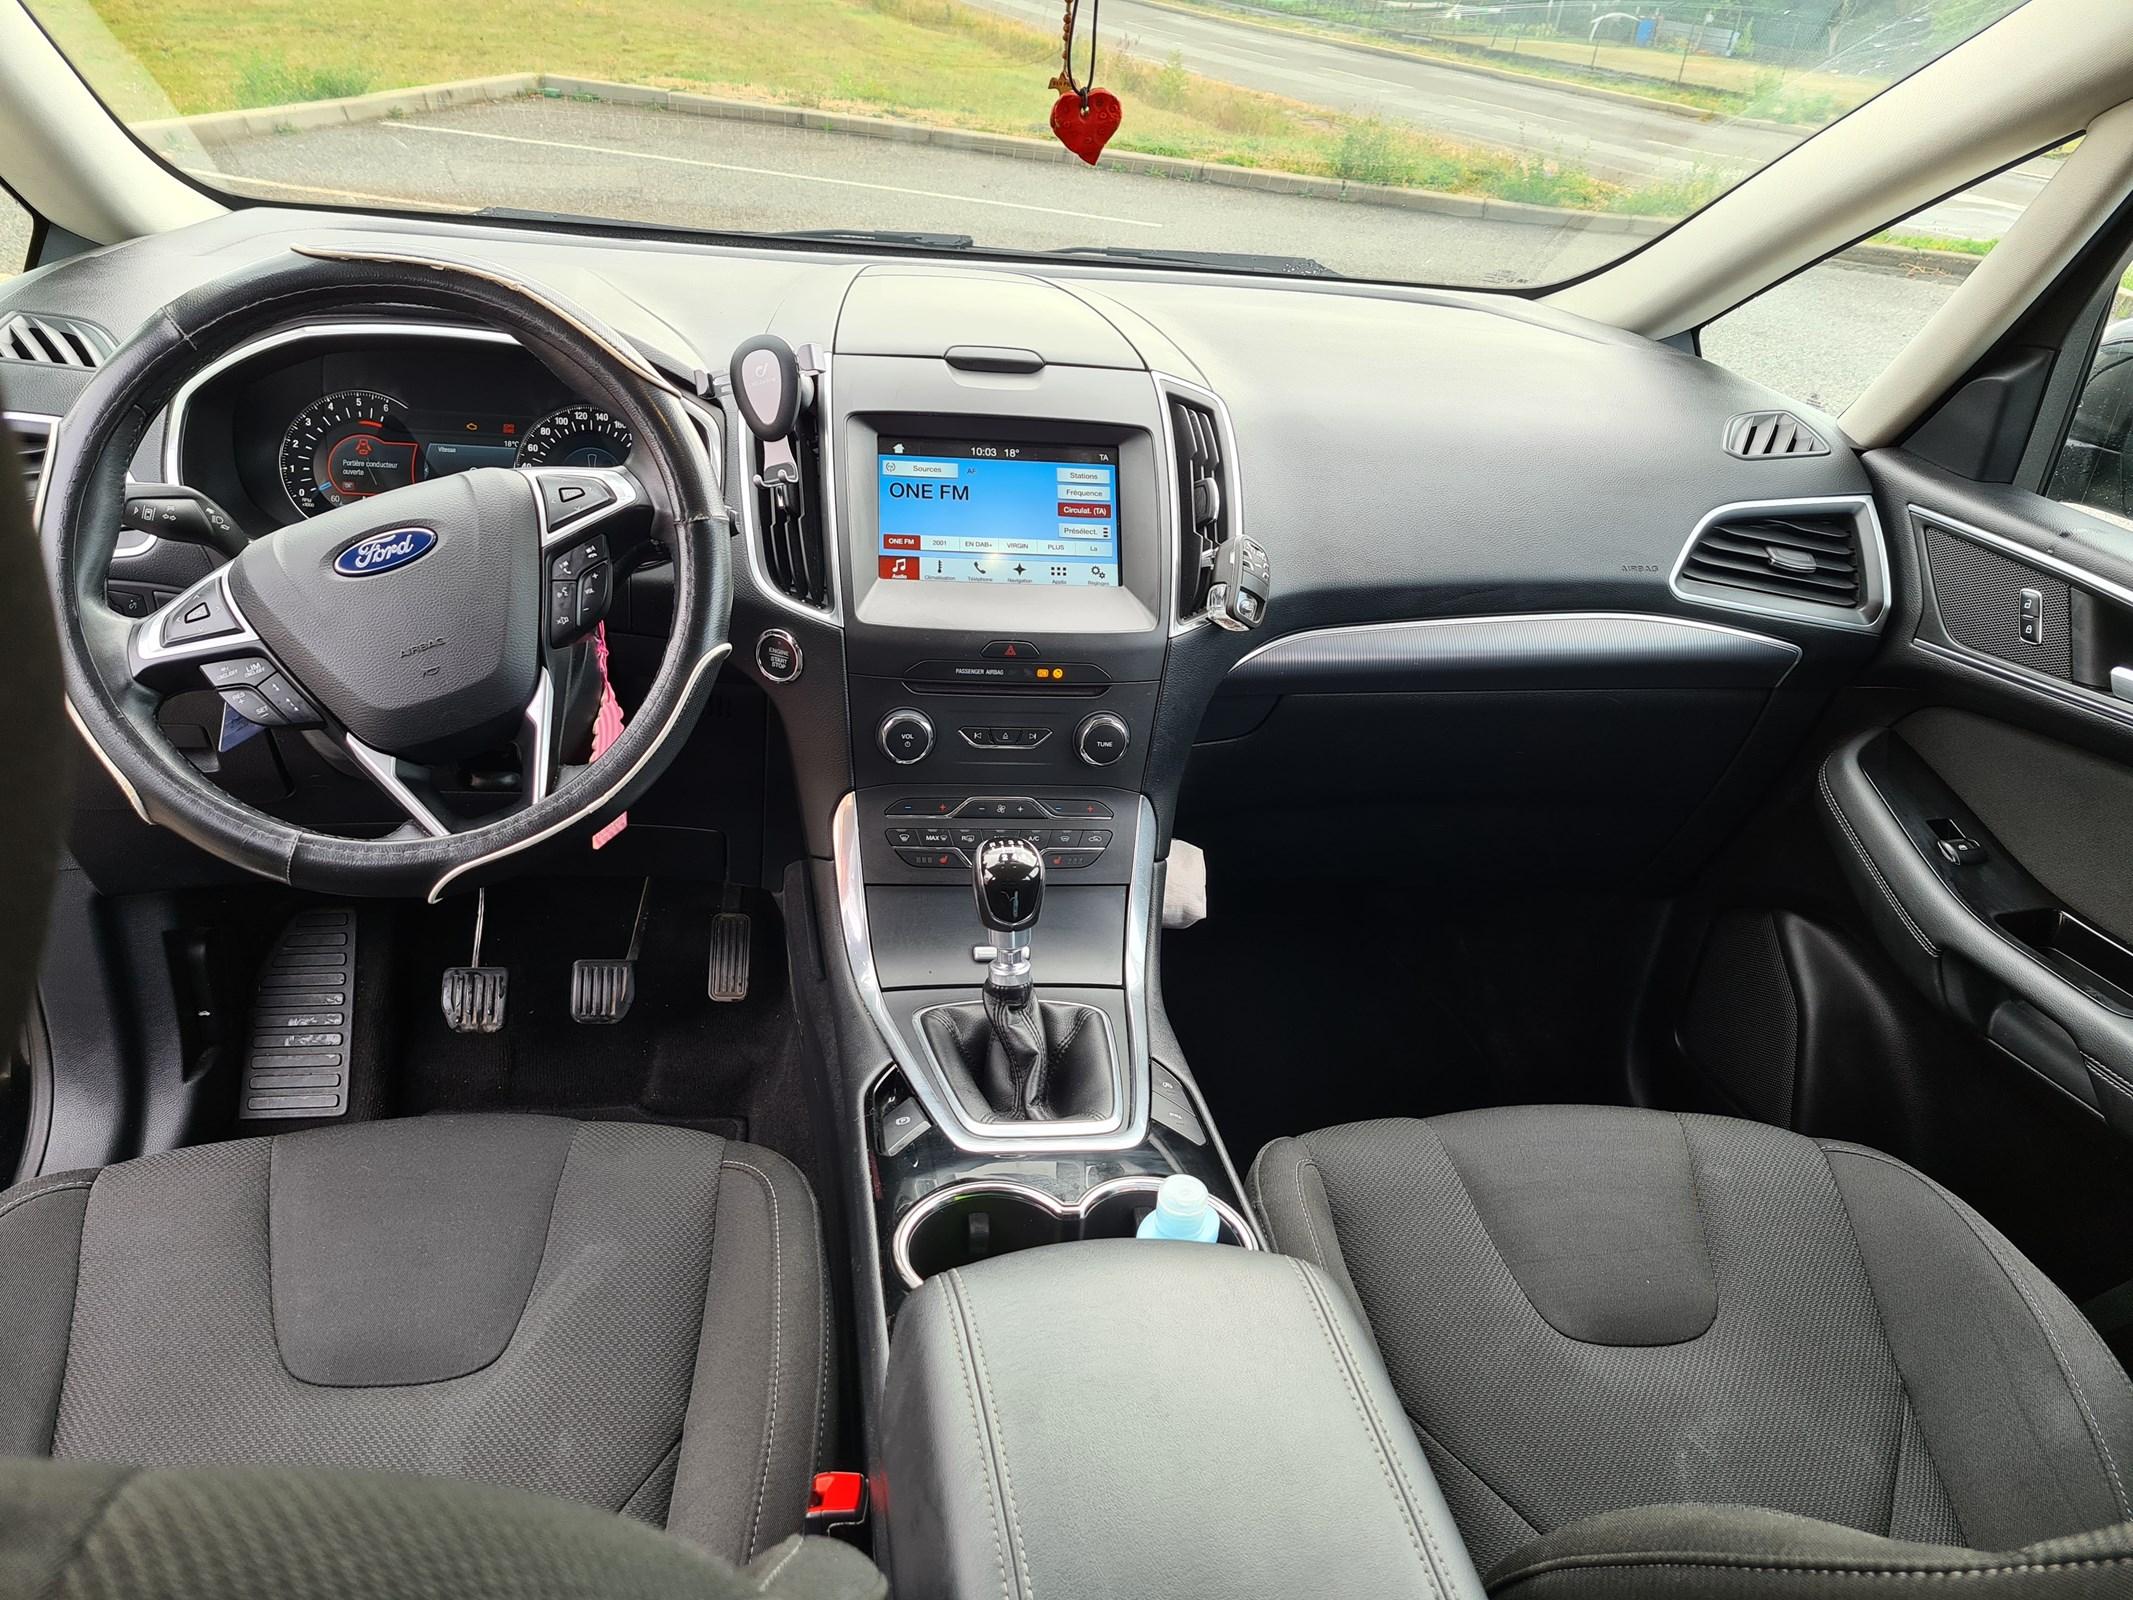 Ford S-Max 2.0 TDCi 150 Titanium